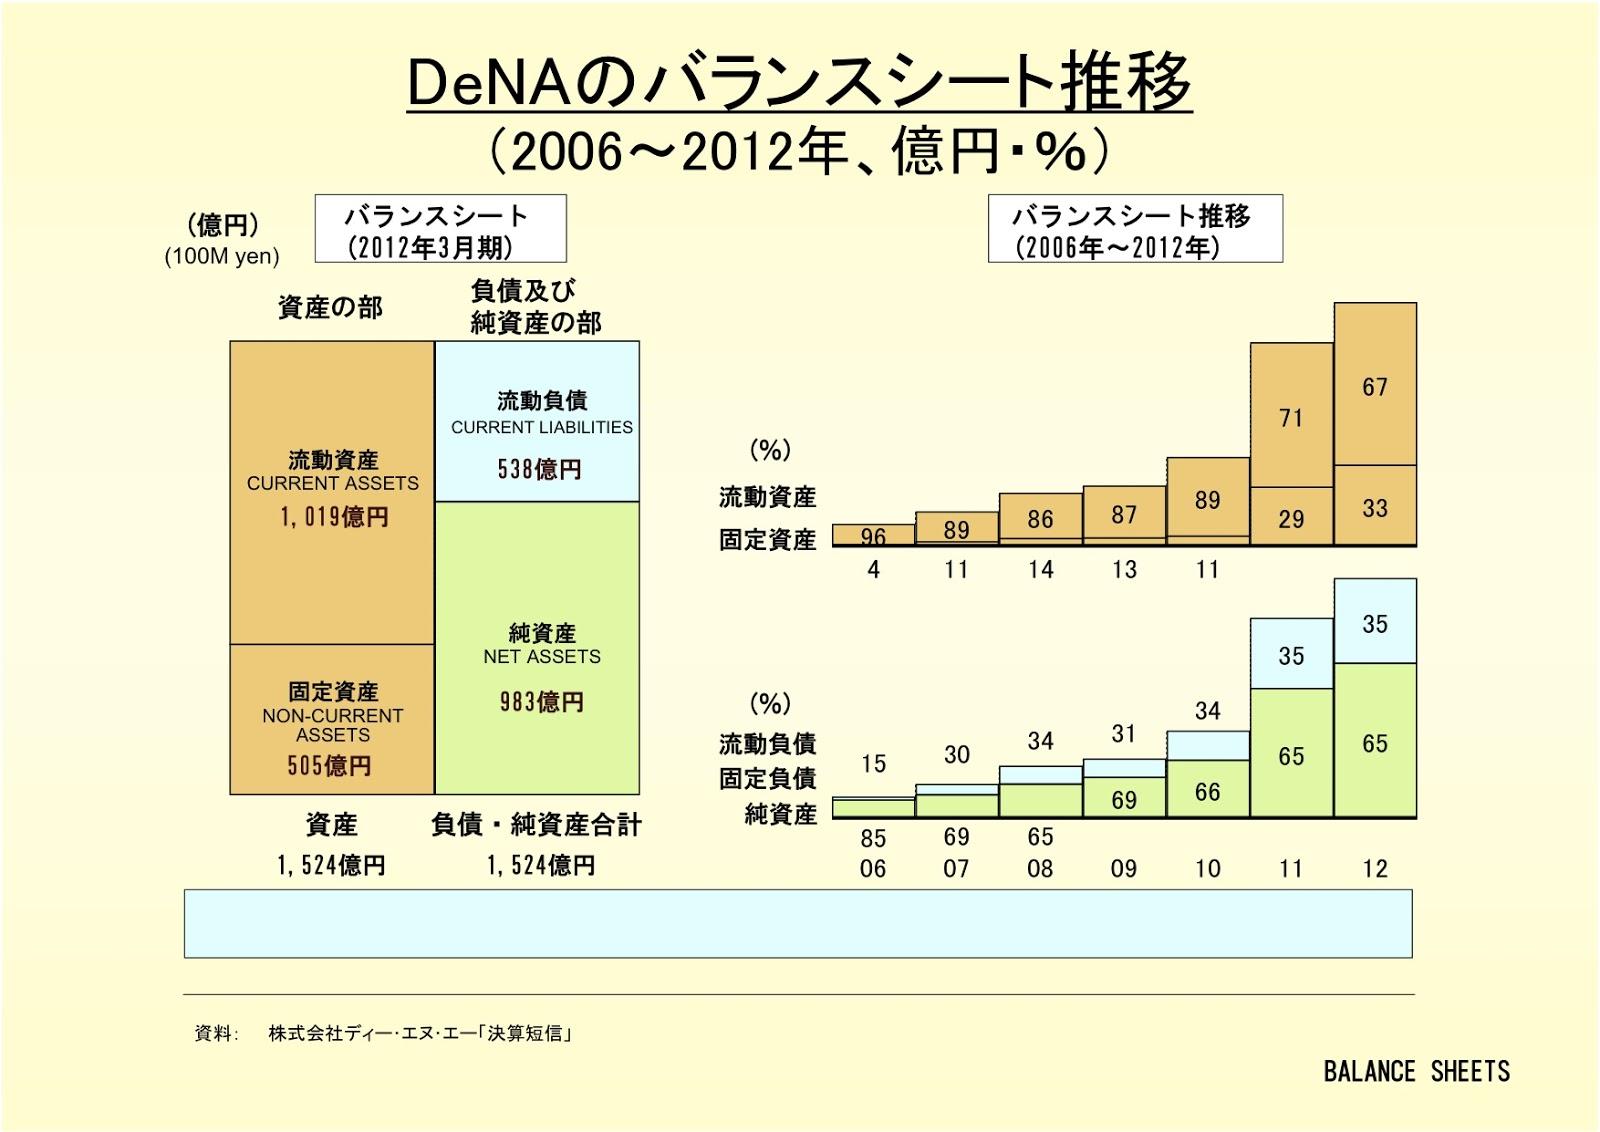 株式会社DeNAのバランスシート推移